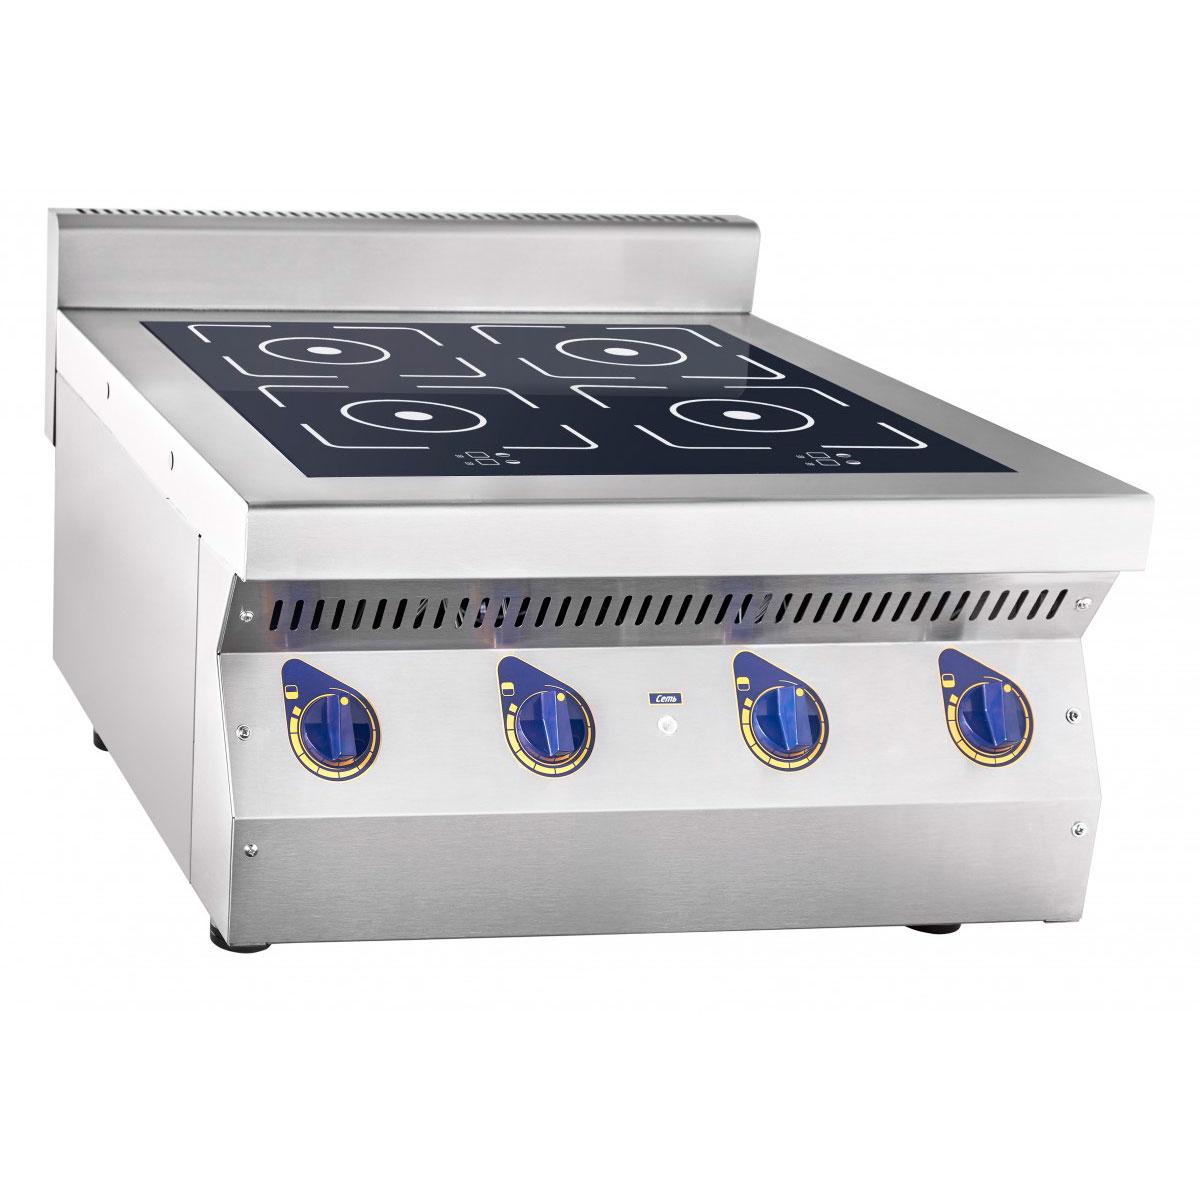 Настольные индукционные плиты КИП-27Н и КИП-47Н 700 серии торговой марки «Abat»